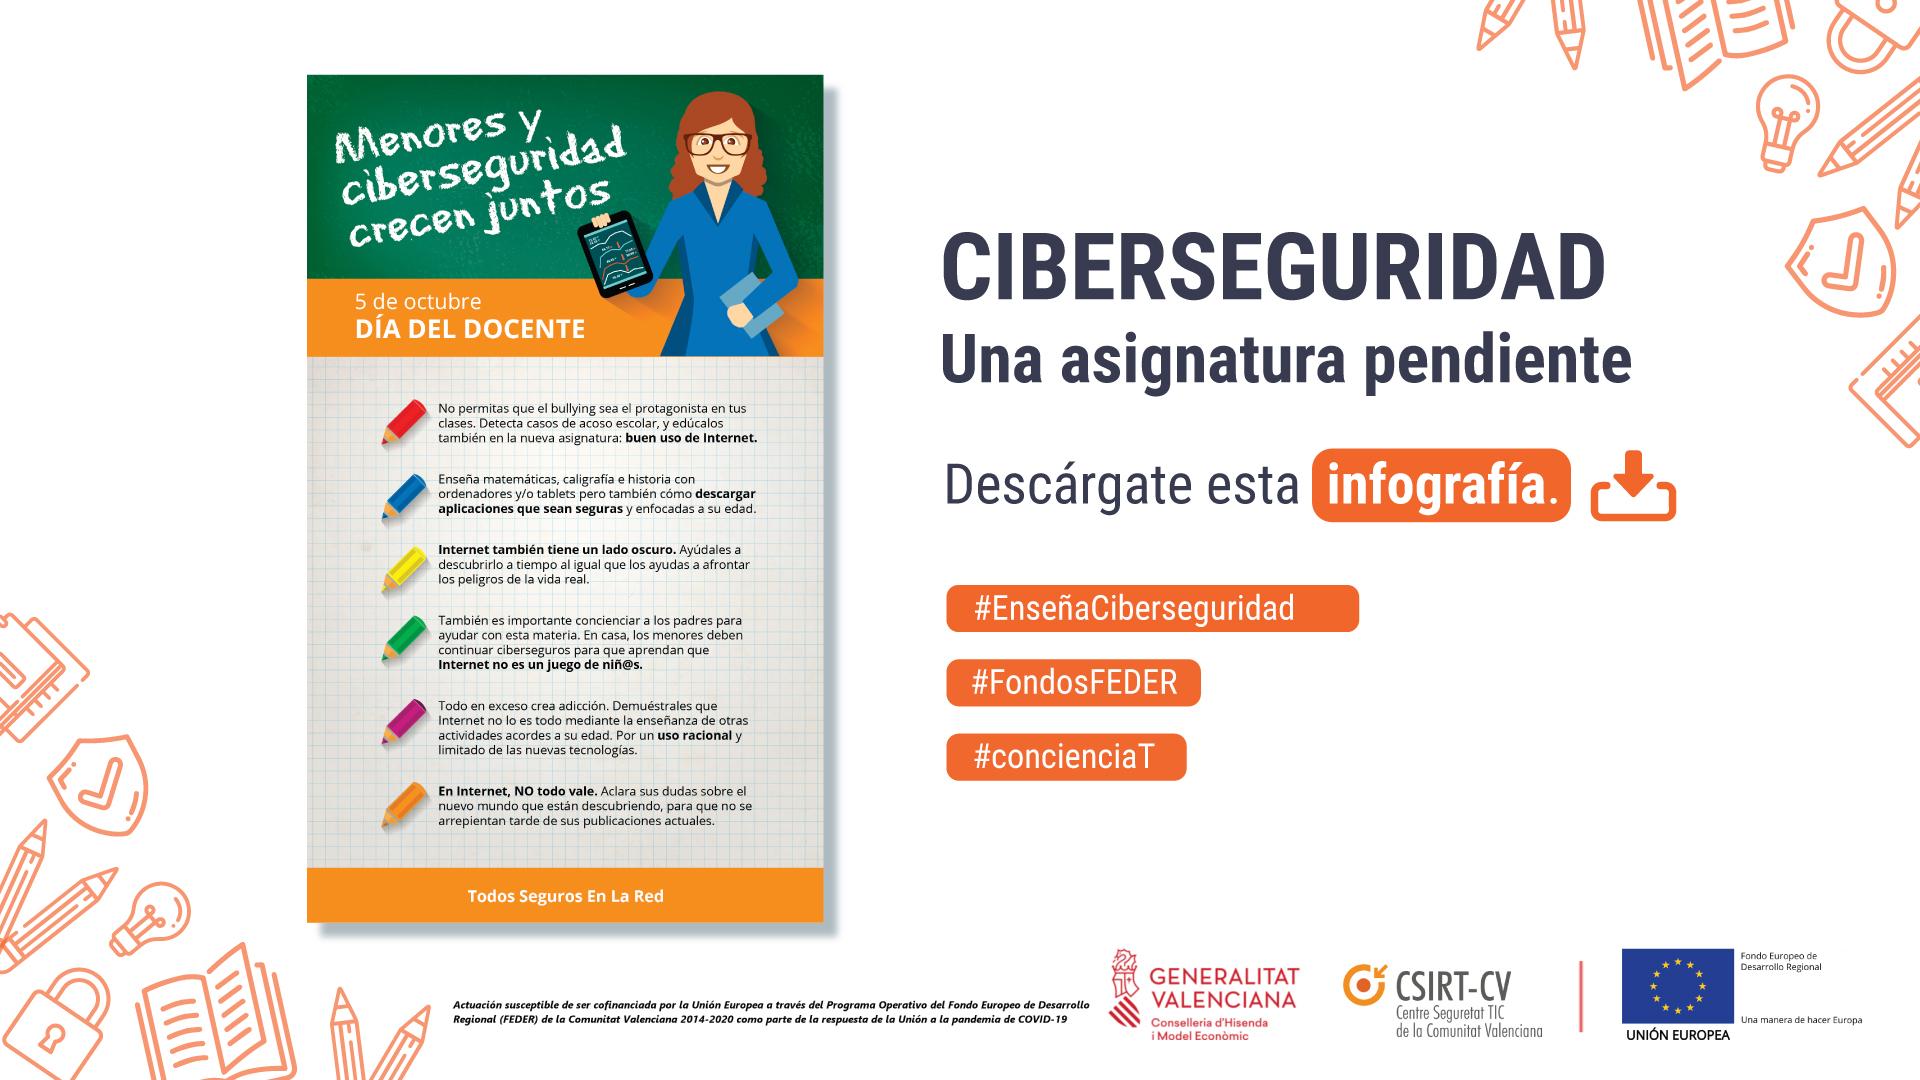 CSIRT-CV lanza una campaña para proporcionar recursos al personal docente en materia de ciberseguridad